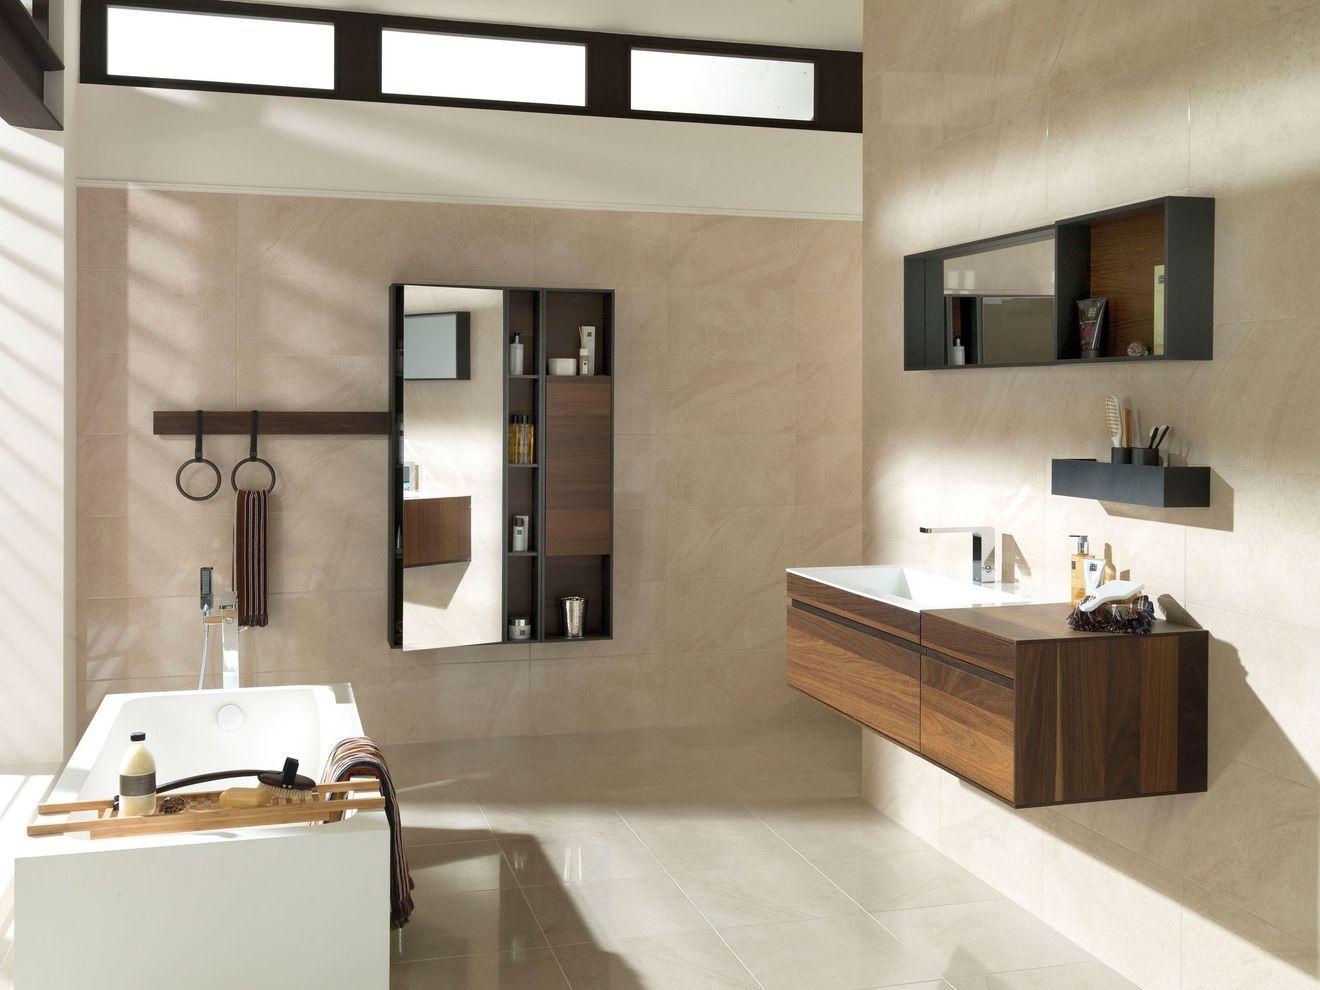 Meuble salle de bain bois  Meuble salle de bain, Meuble de salle